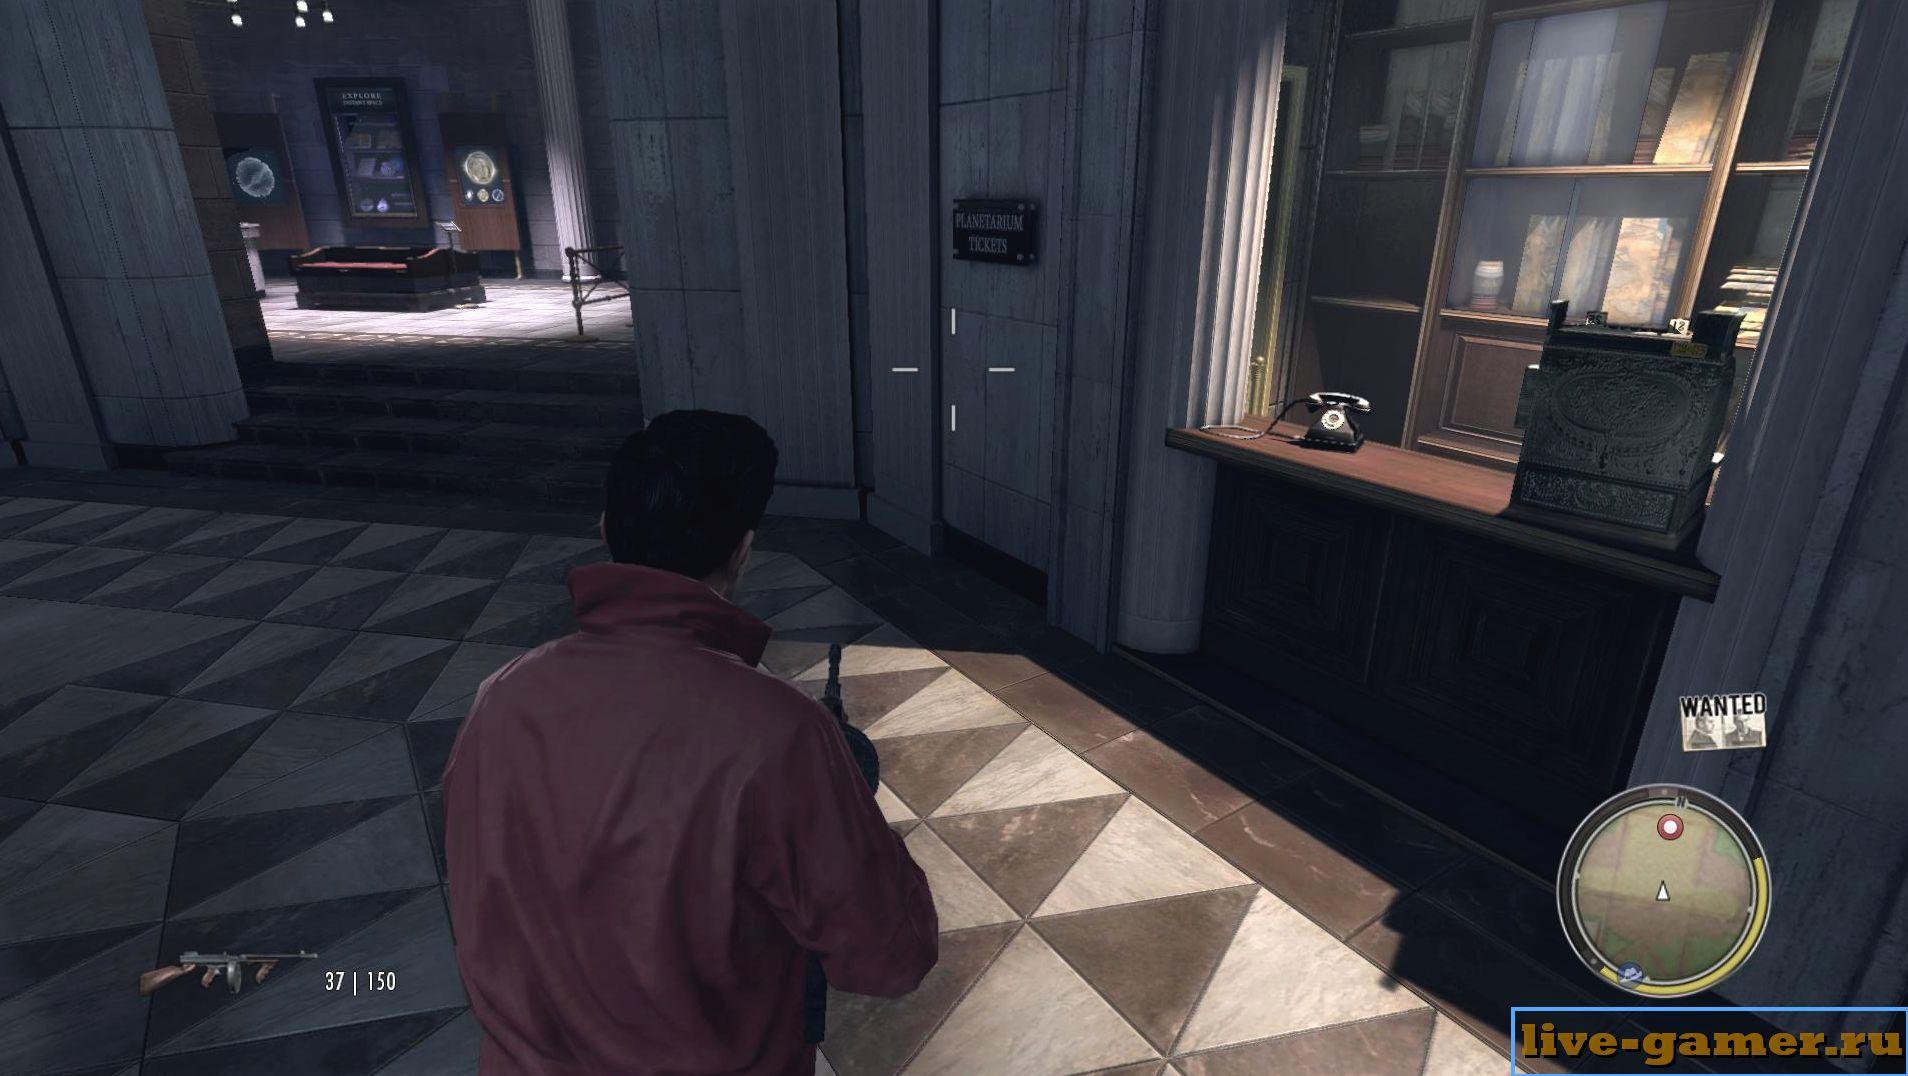 Как отключить сигнализацию сейфа в Mafia 2